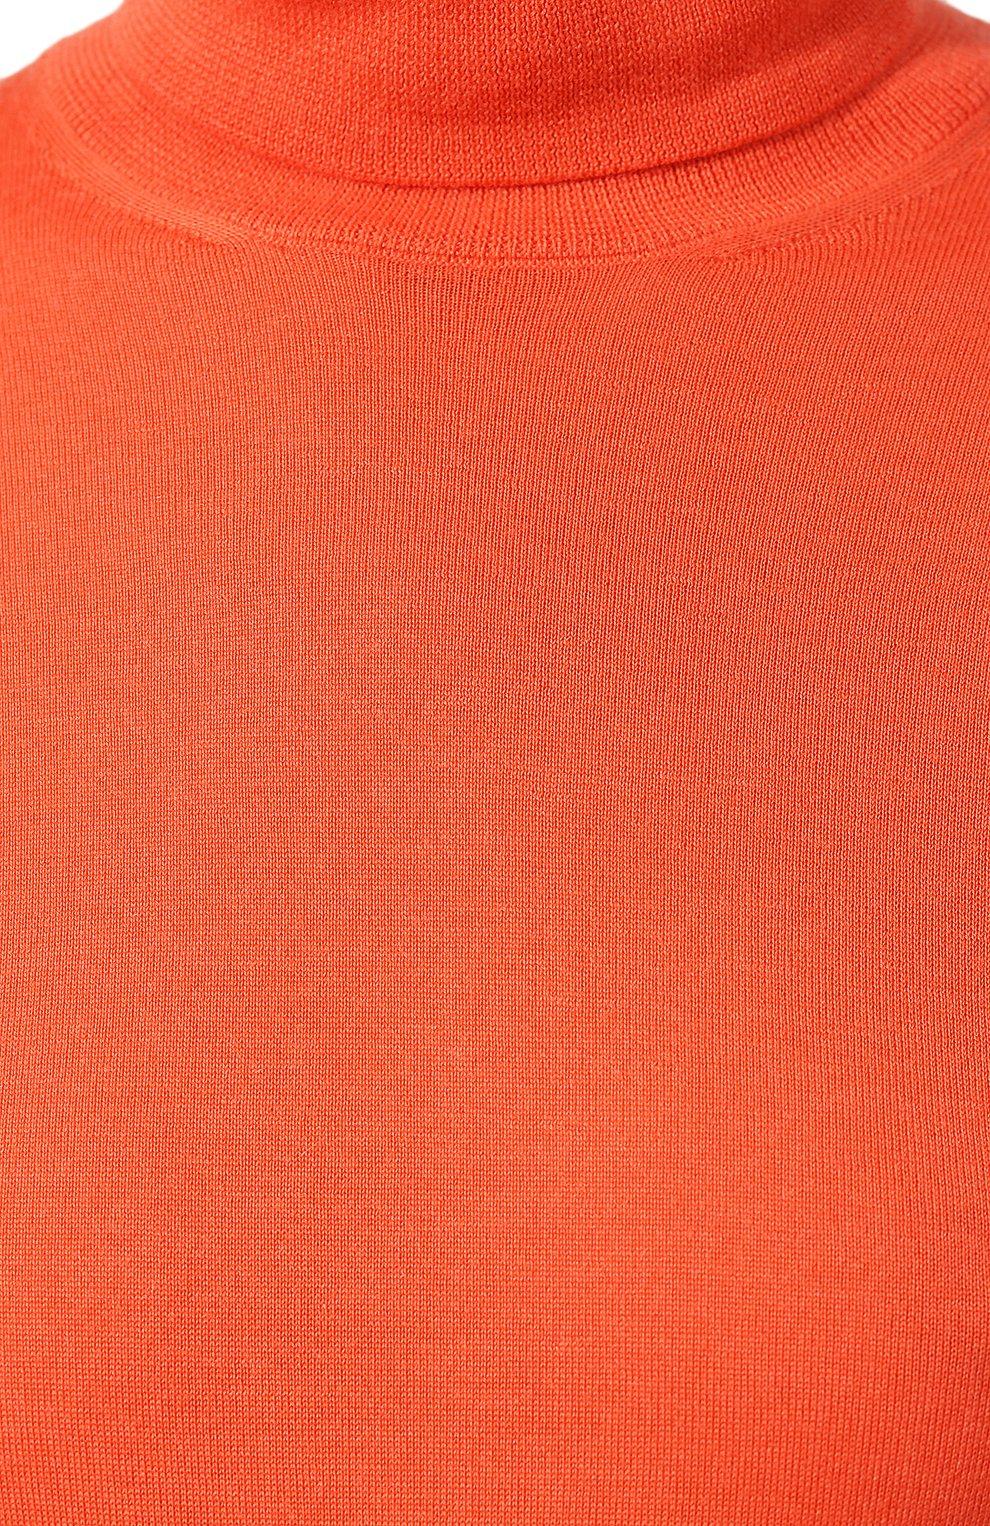 Женская кашемировая водолазка RALPH LAUREN кораллового цвета, арт. 290615195 | Фото 5